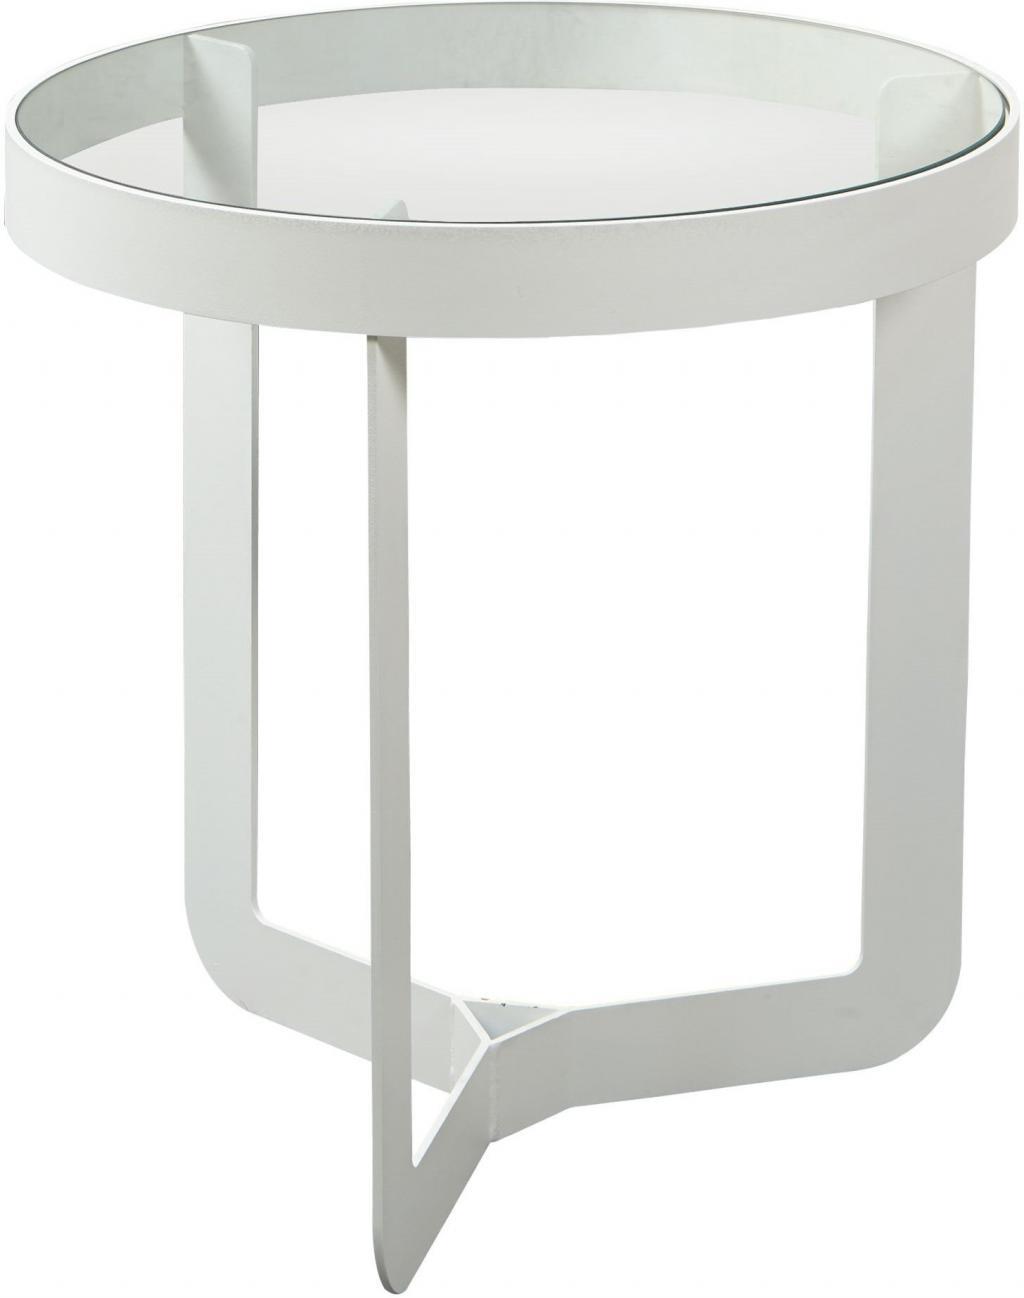 beistelltisch douglas 1 wei glas spinder design kaufen wohn und. Black Bedroom Furniture Sets. Home Design Ideas